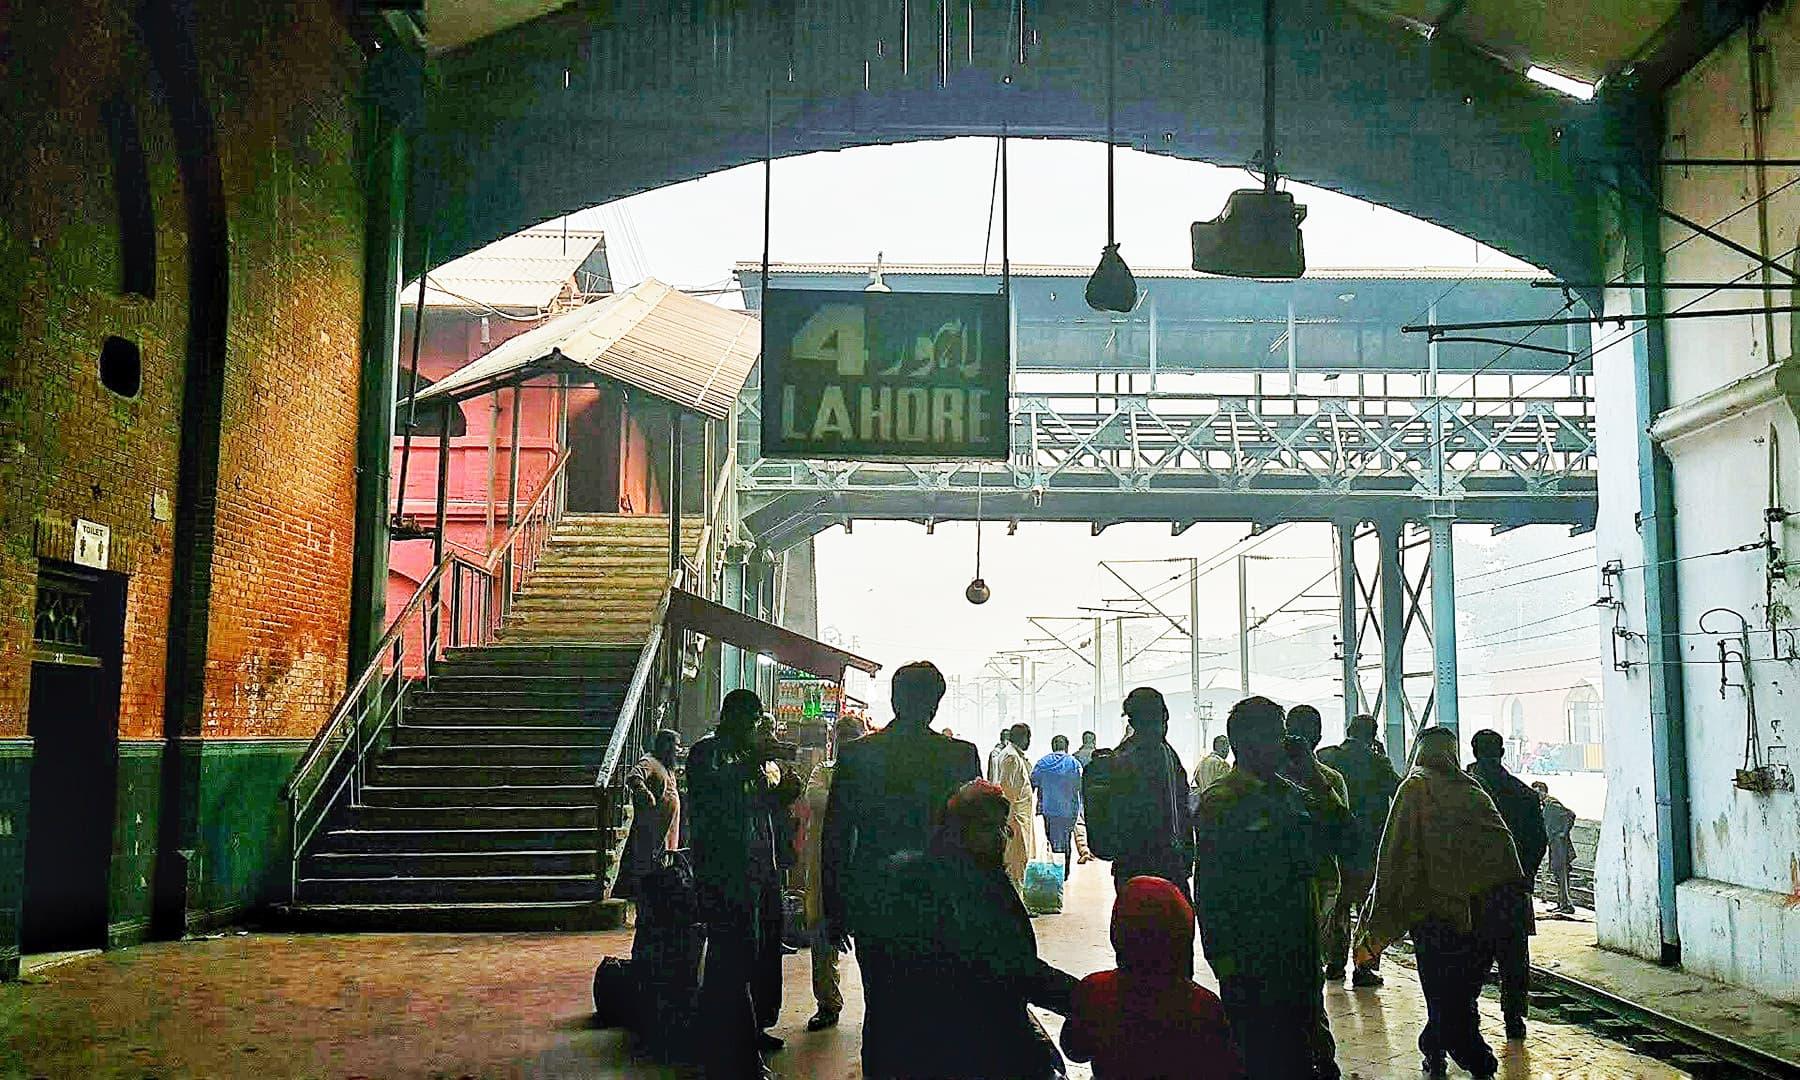 لاہور ریلوے اسٹیشن — صوفیہ کاشف